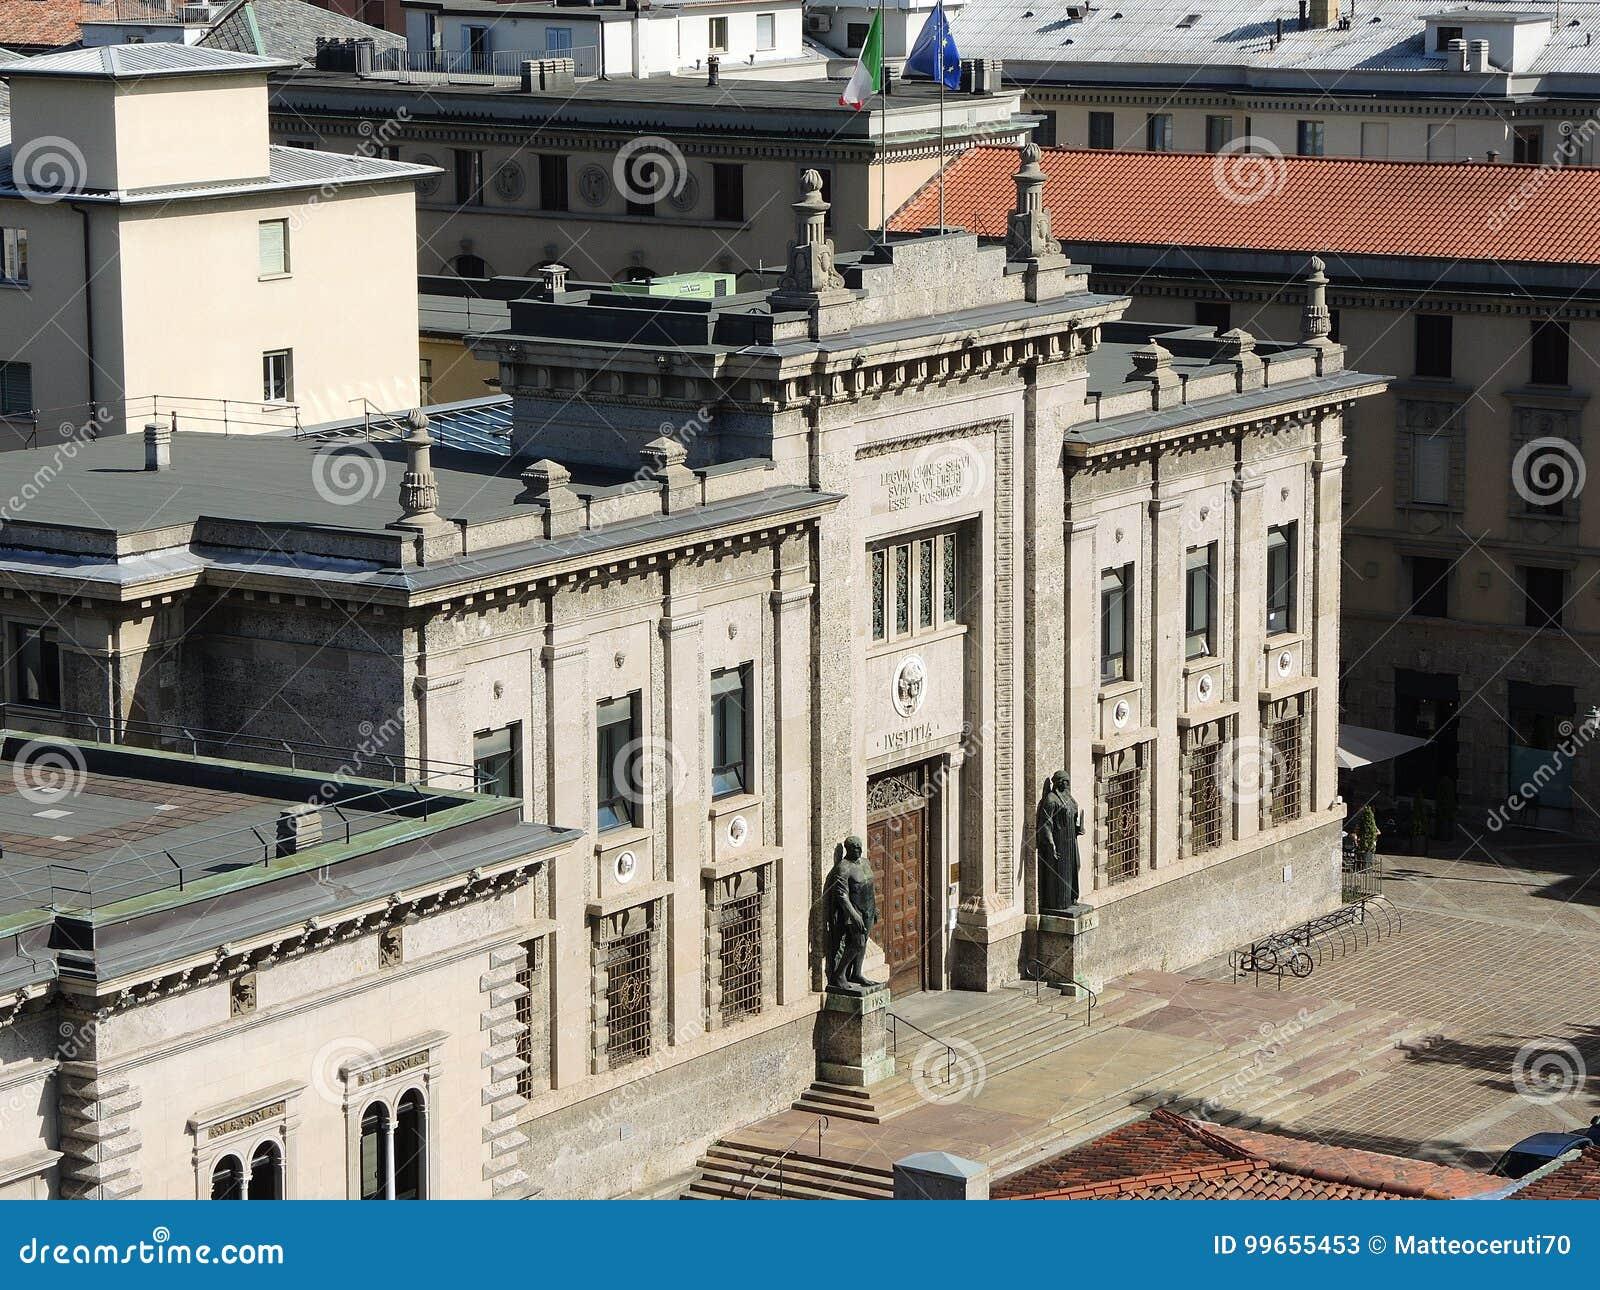 Ventana decorativa de una vivienda histórica La fachada del tribunal criminal en el centro de ciudad